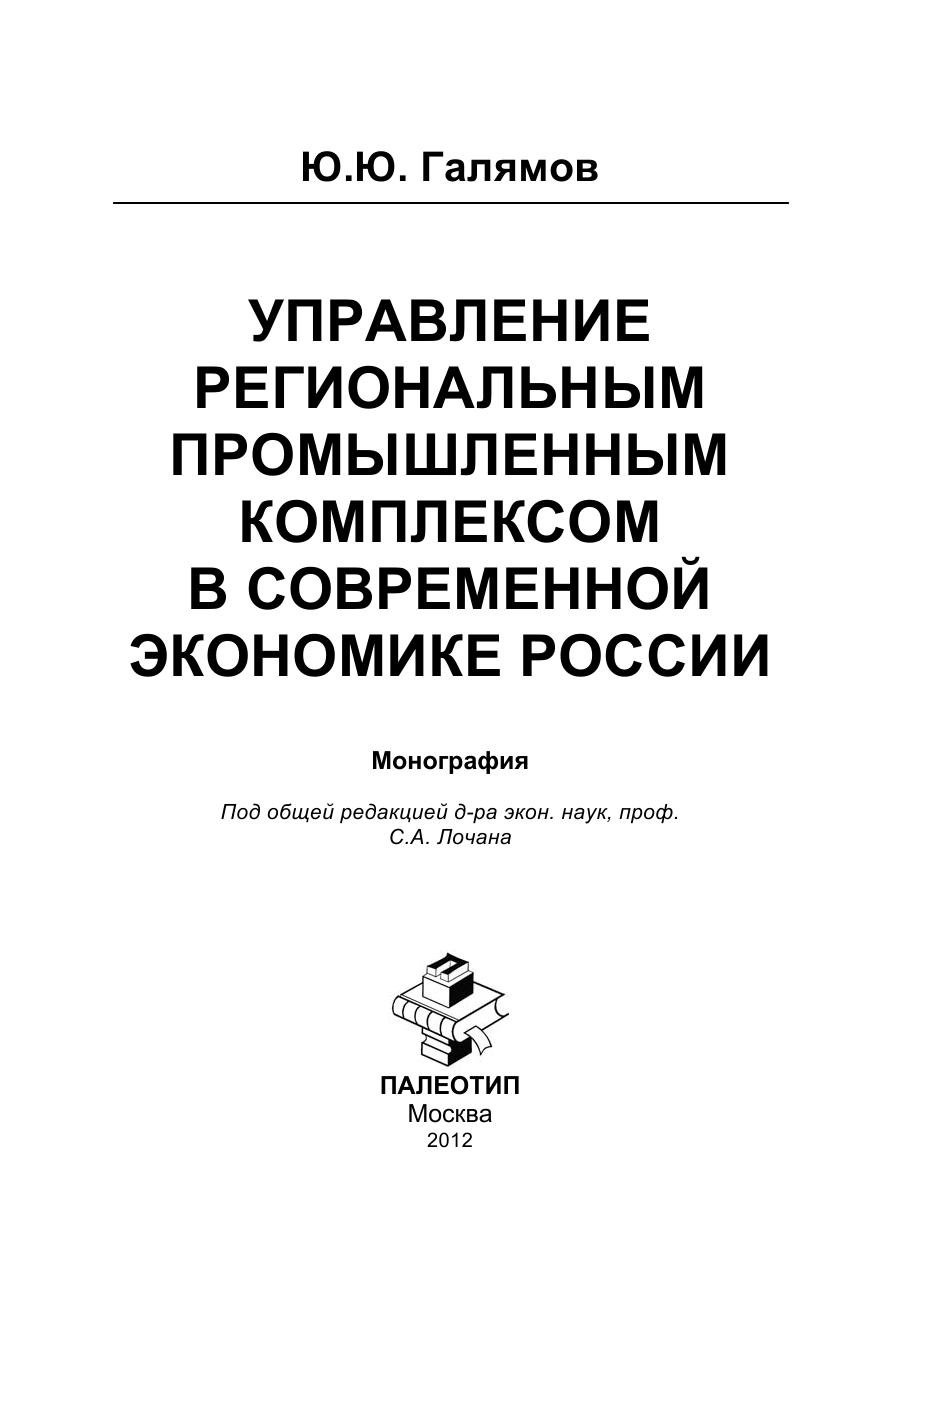 Юсуп Галямов Управление региональным промышленным комплексом в современной экономике России а в абилов закономерности развития регионального инфокоммуникационного комплекса